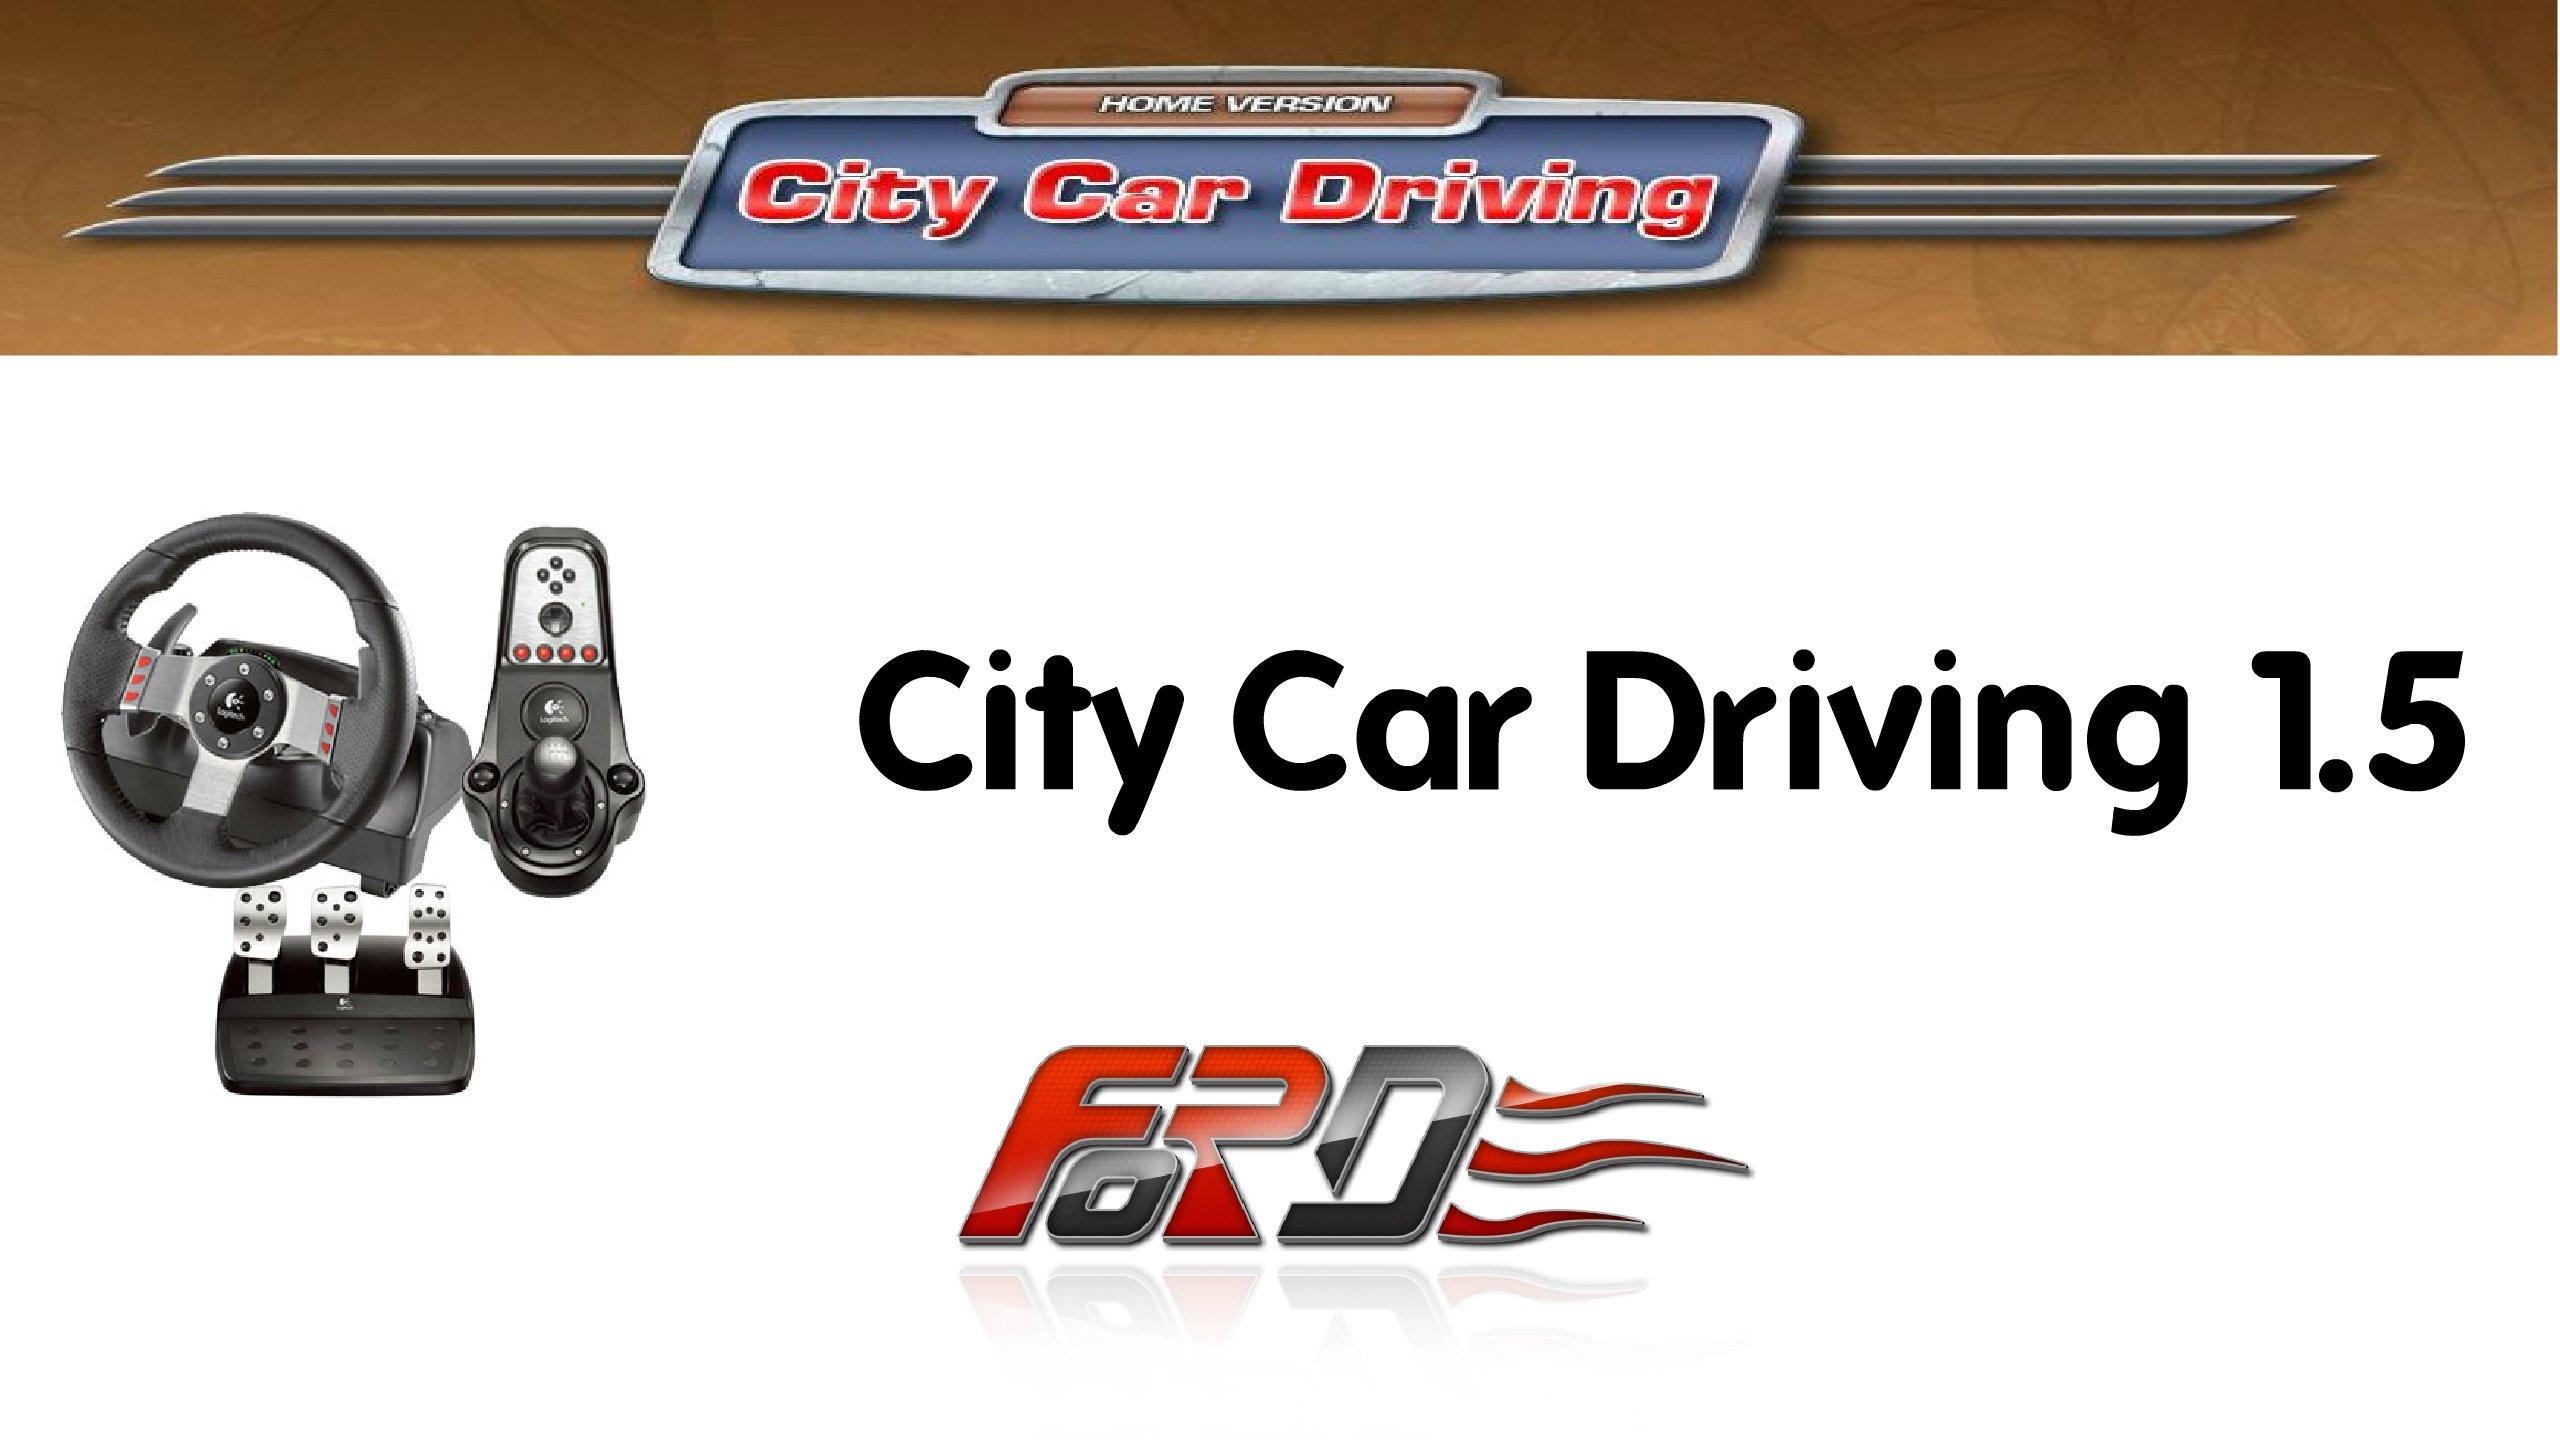 City Car Driving 1.5 обзор, новый район, зима, гололед, снег, регулировщик . - Изображение 1